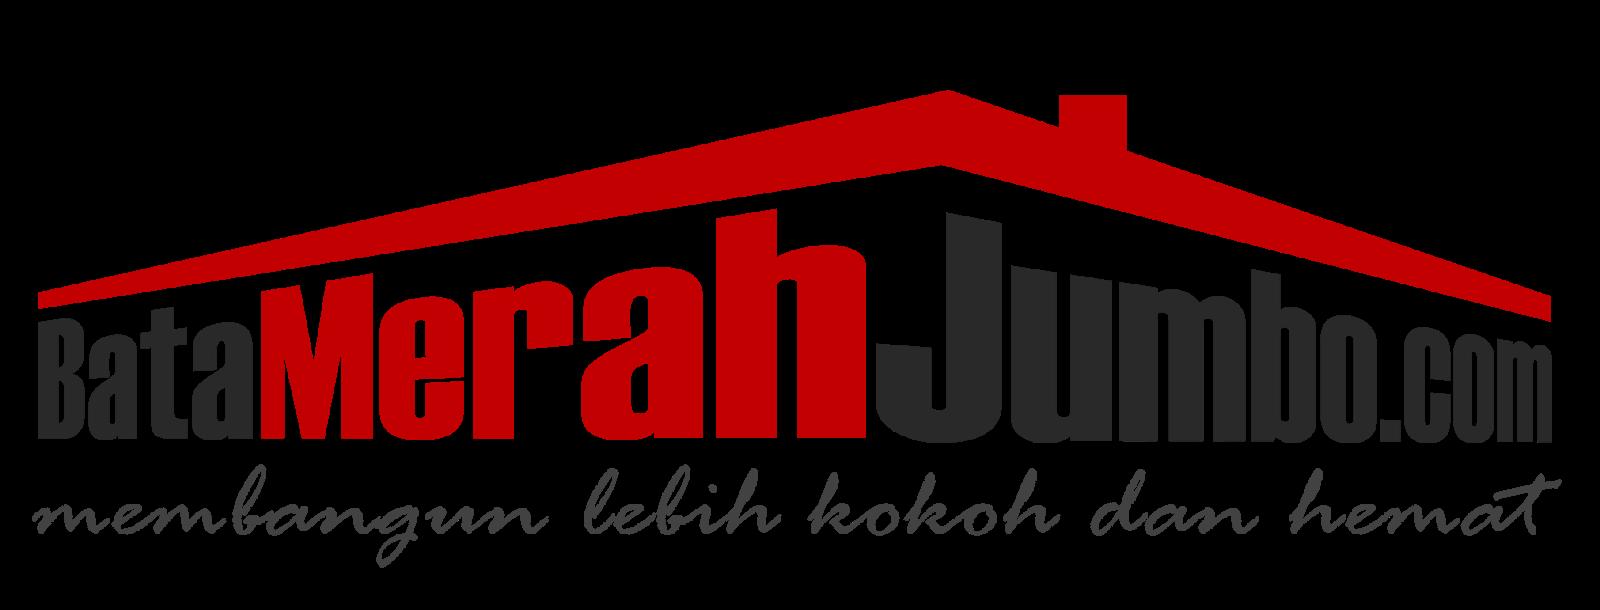 BATU BATA MERAH JUMBO MURAH HARGA PABRIK